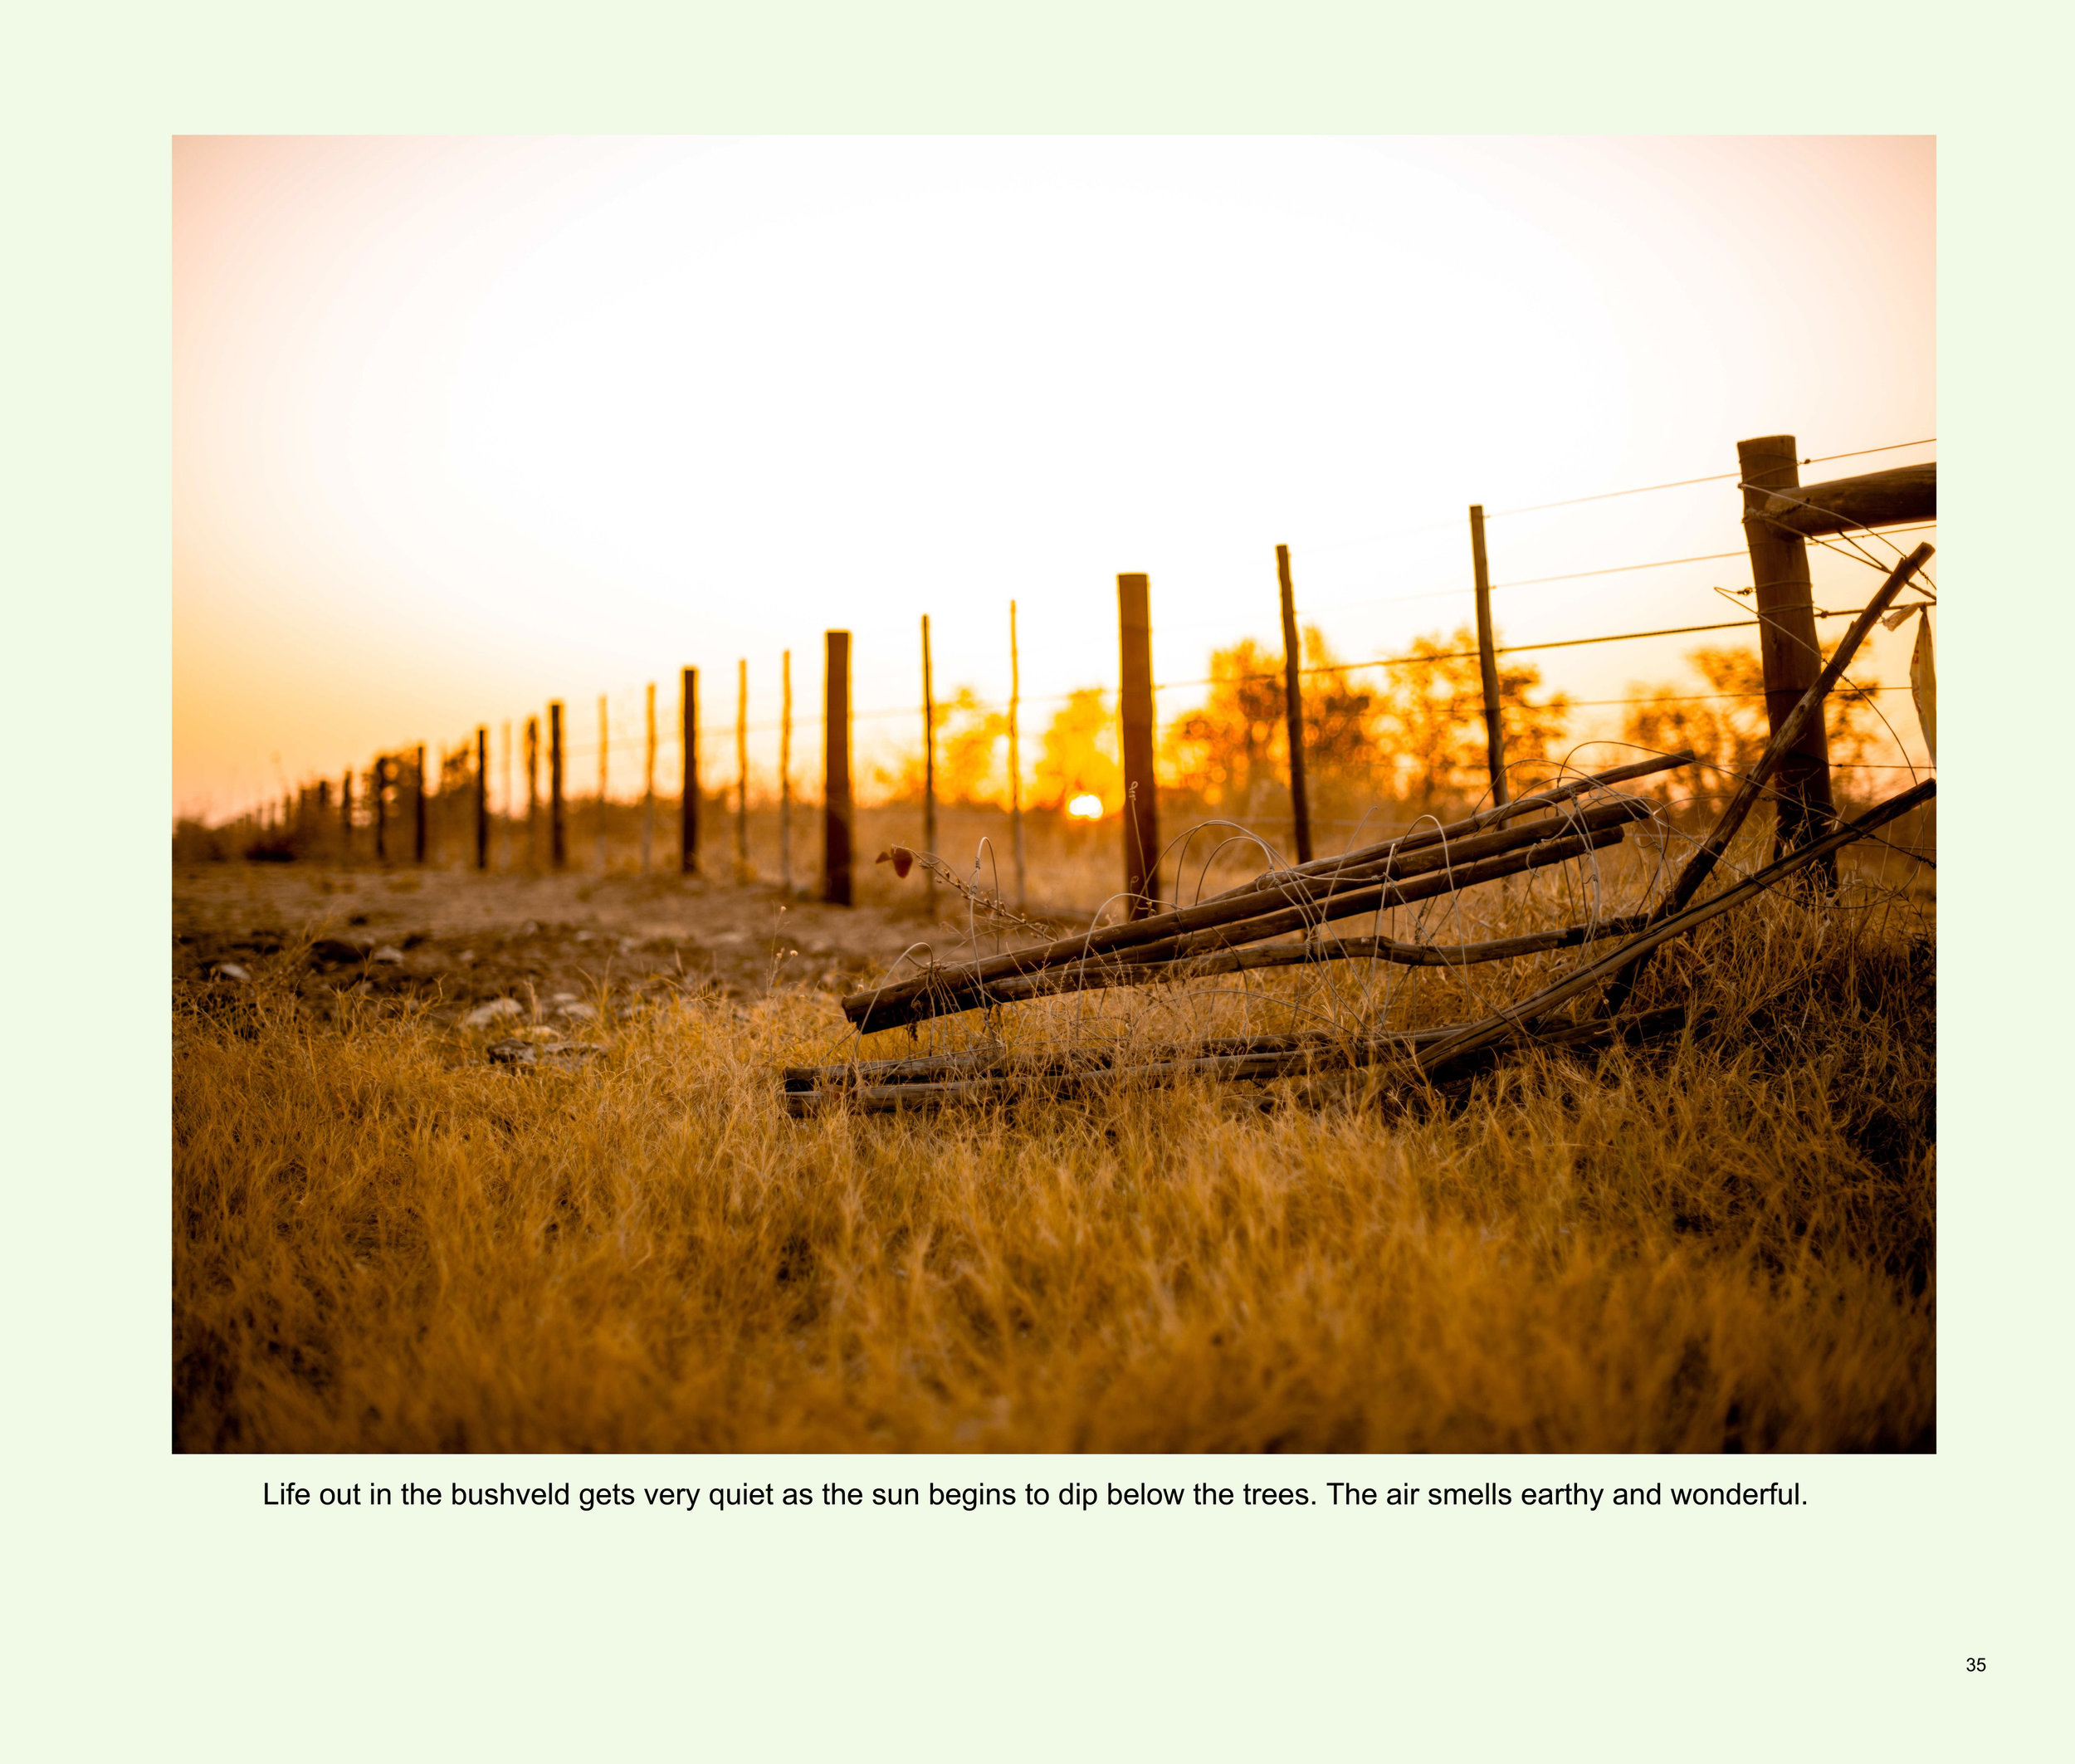 ImagesASouthernAfricaRoadTrip-37.jpg